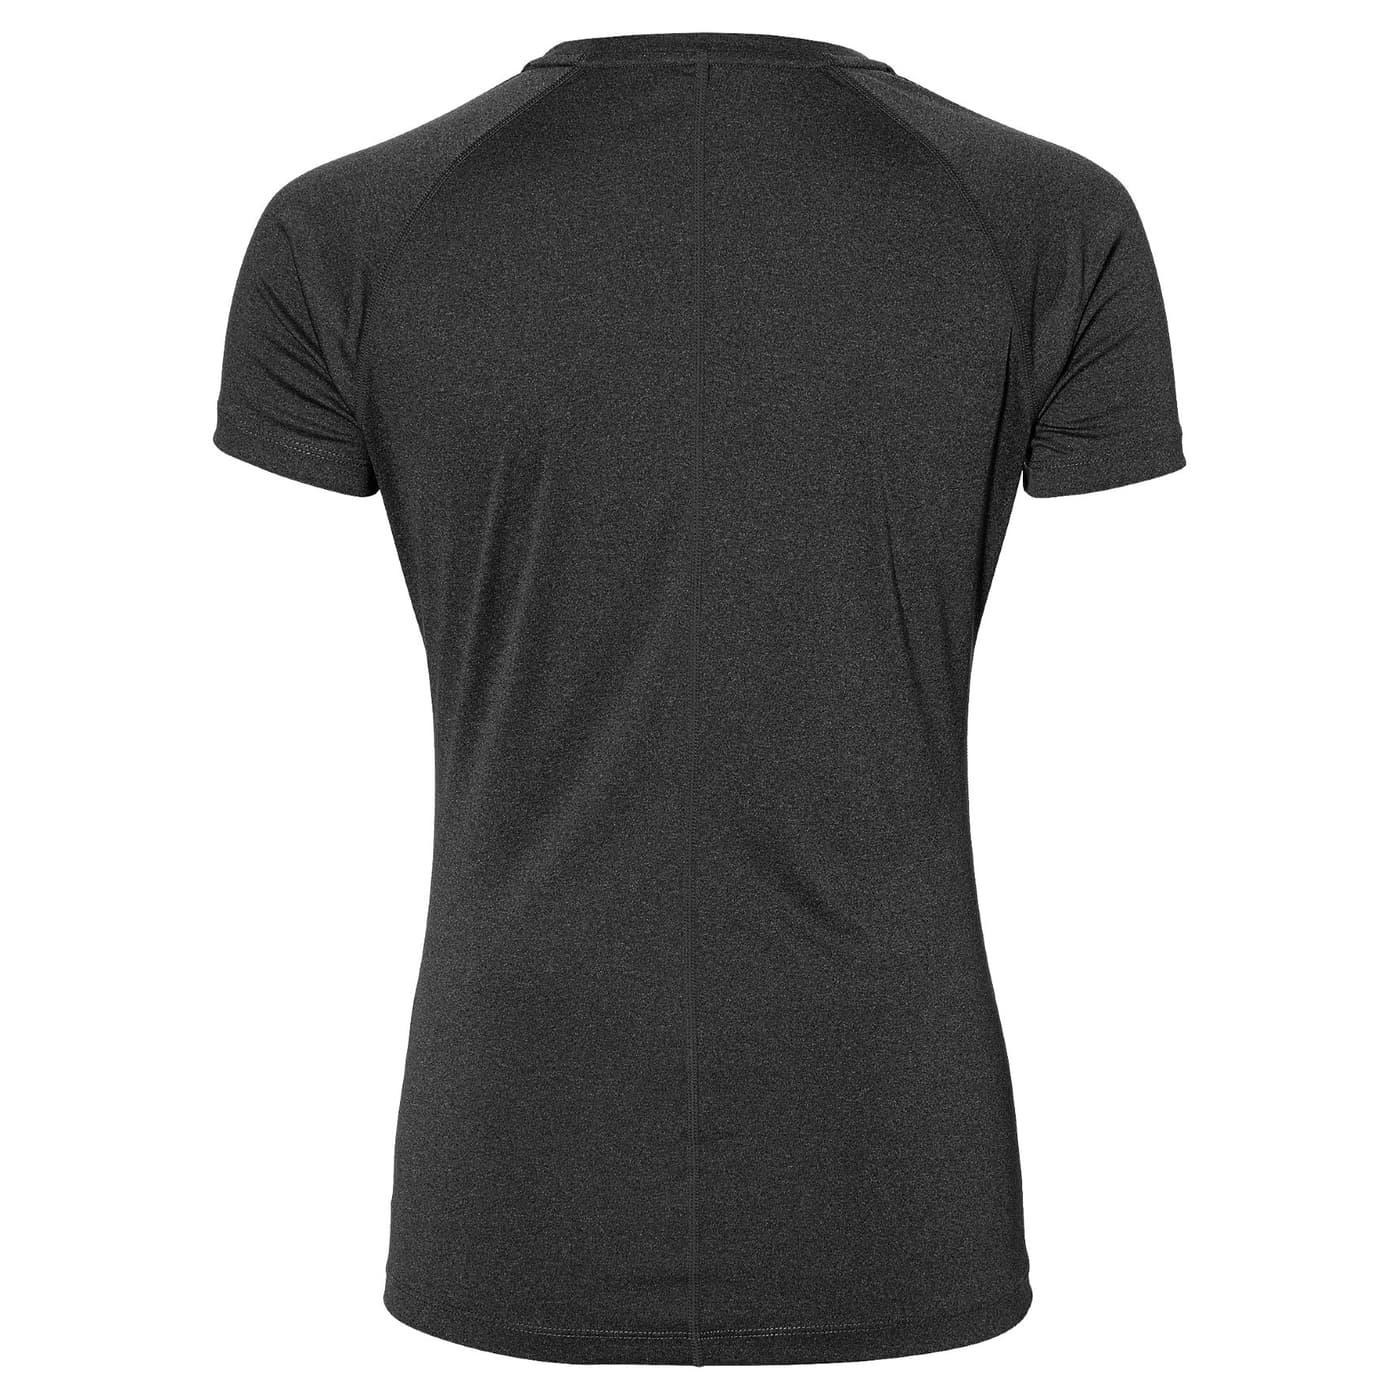 Asics ASICS STRIPE SS TOP Damen-T-Shirt